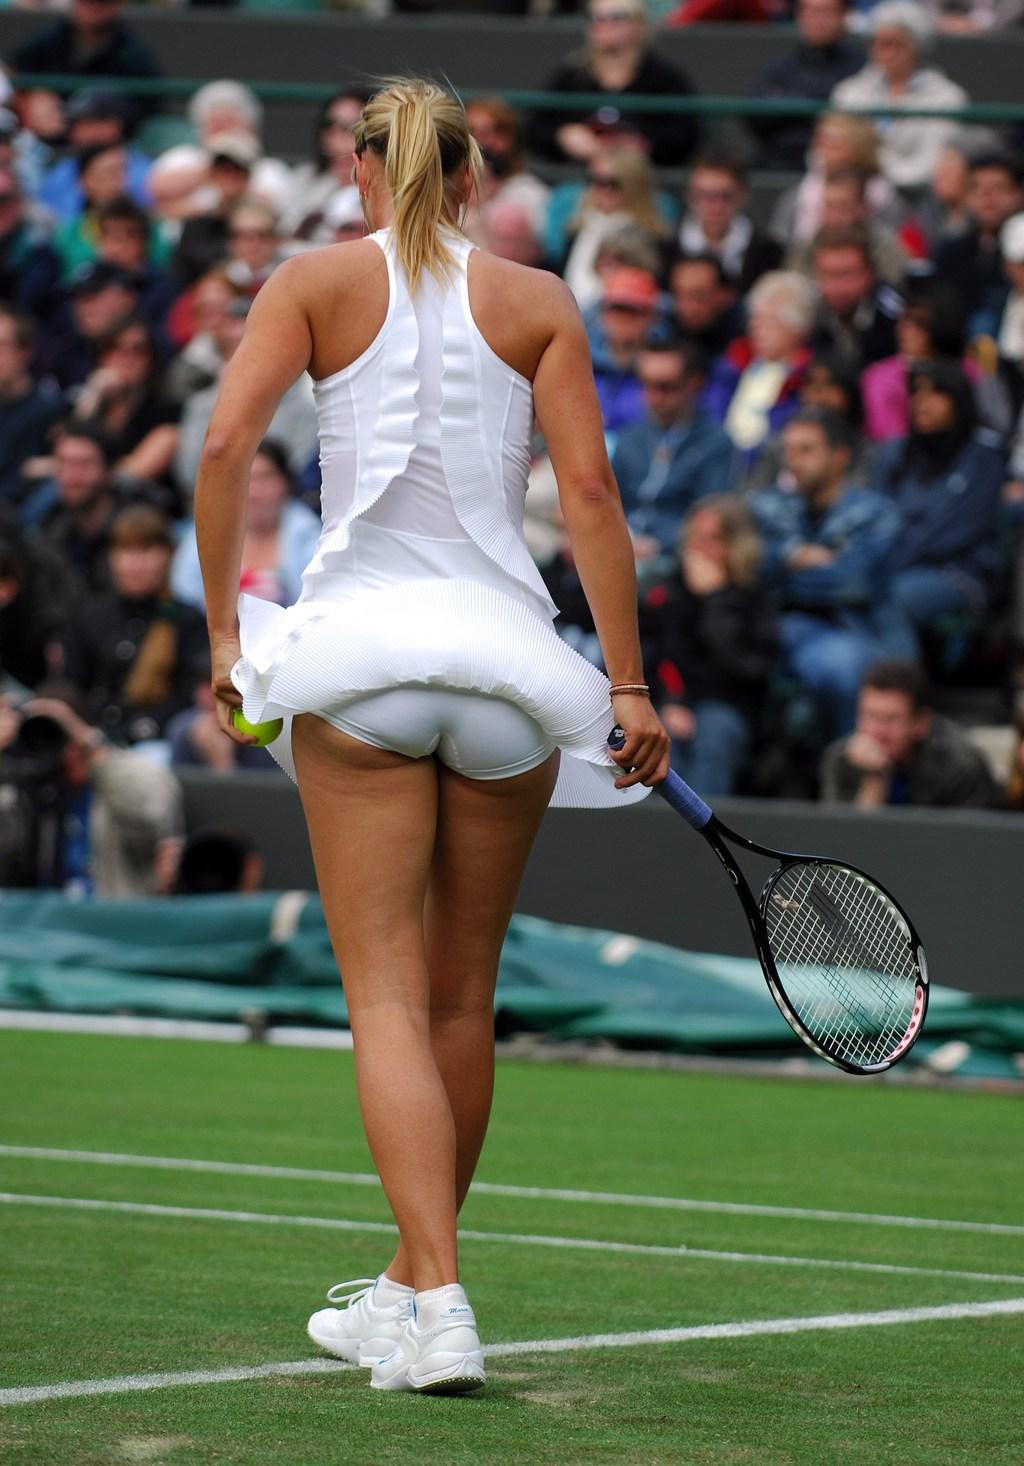 Maria Sharapova ass&Hegre-art Kasia pussy